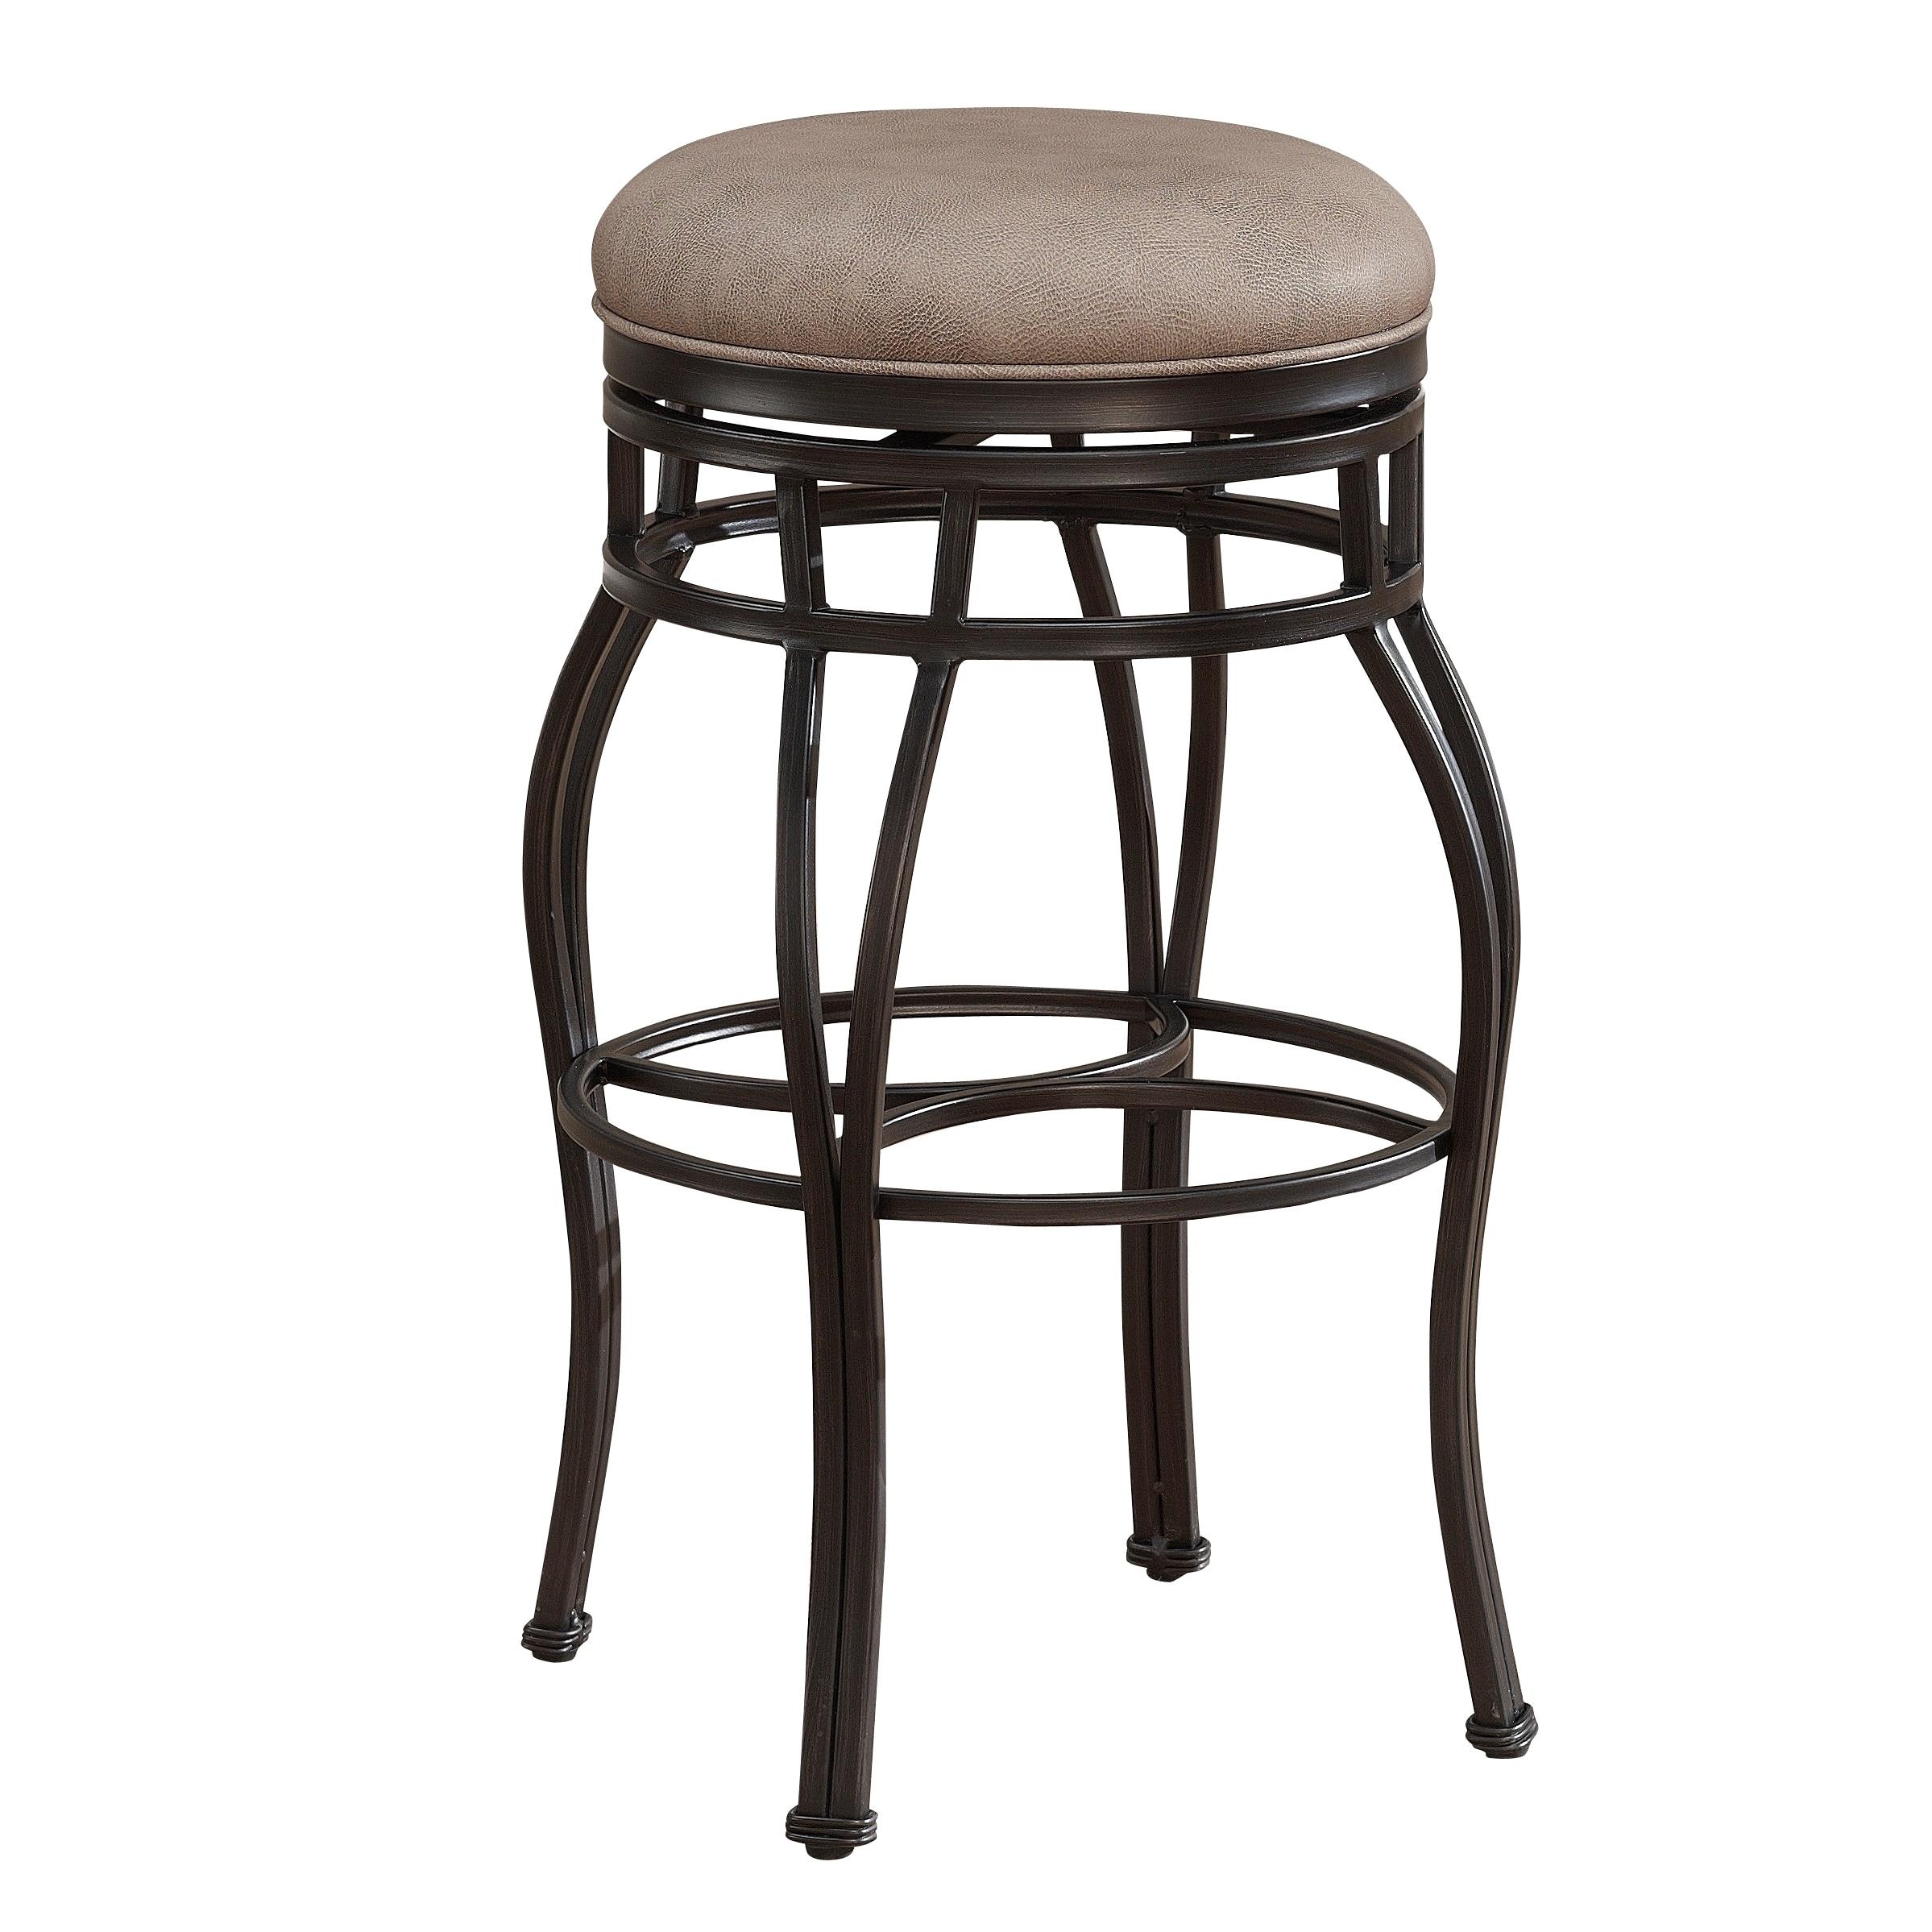 Groovy Delaware 26 Inch Counter Height Stool Inzonedesignstudio Interior Chair Design Inzonedesignstudiocom